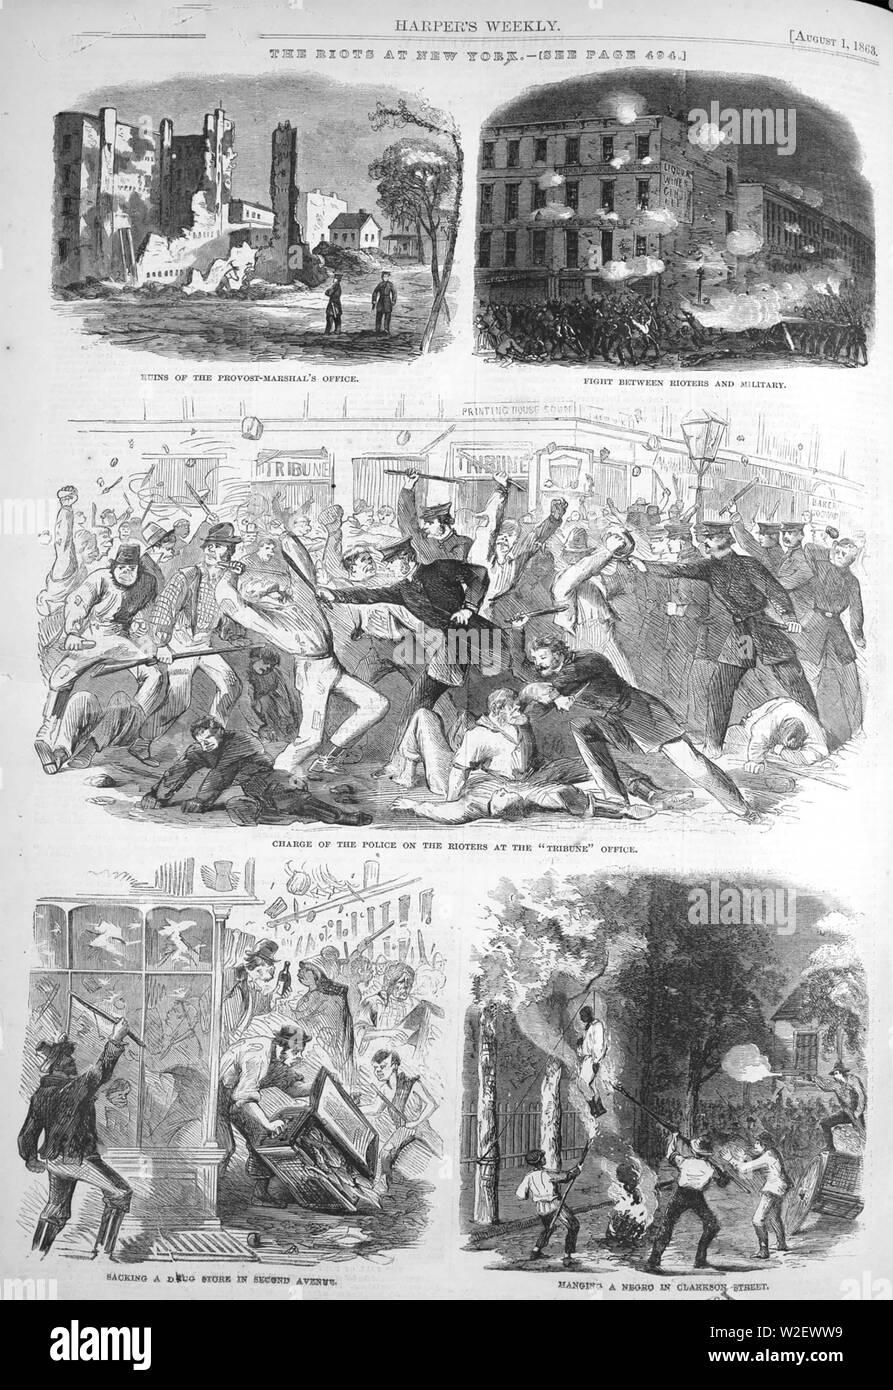 Los disturbios de Nueva York del 13 al 16 de julio de 1863 en respuesta a las leyes para el proyecto de los hombres en el ejército de la Unión durante la Guerra Civil Foto de stock